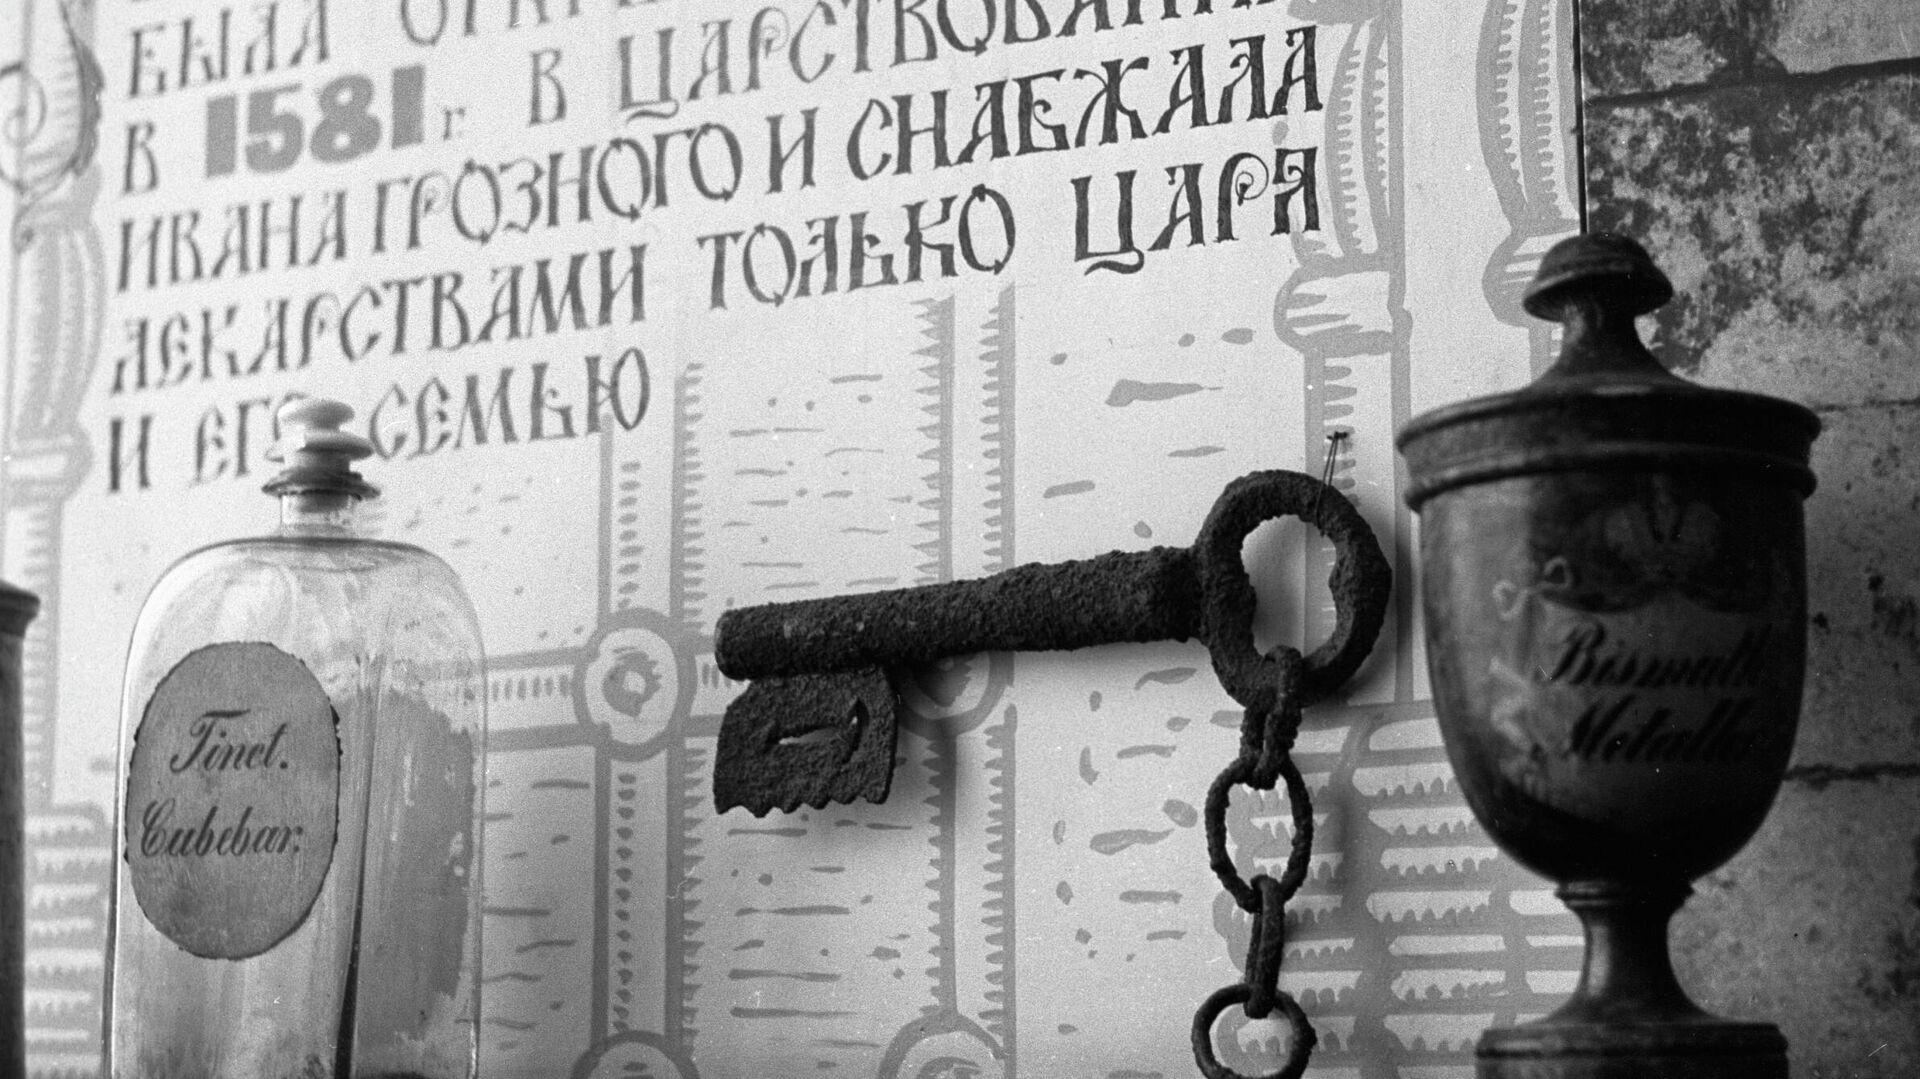 Ключ от первой в России аптеки, основанной Иваном Грозным в 1581 году - РИА Новости, 1920, 19.05.2021